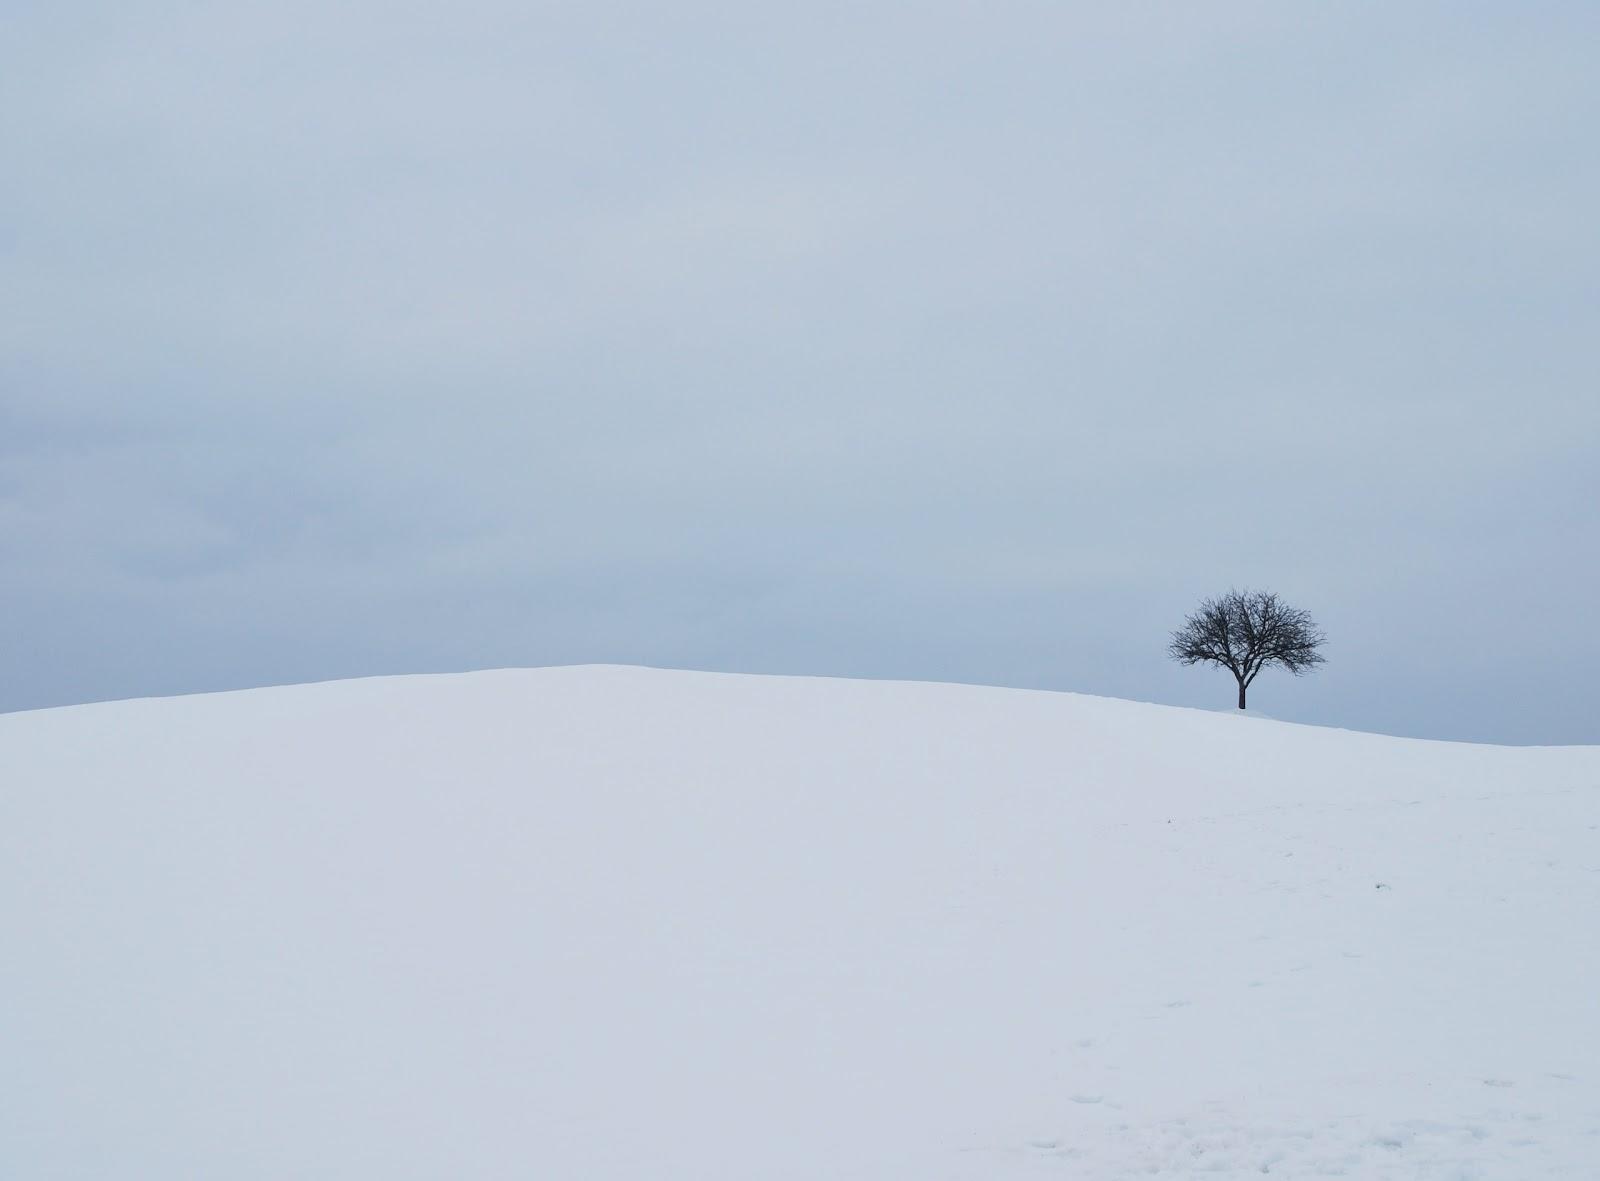 一本の木が遠くに生えた雪の積もった丘